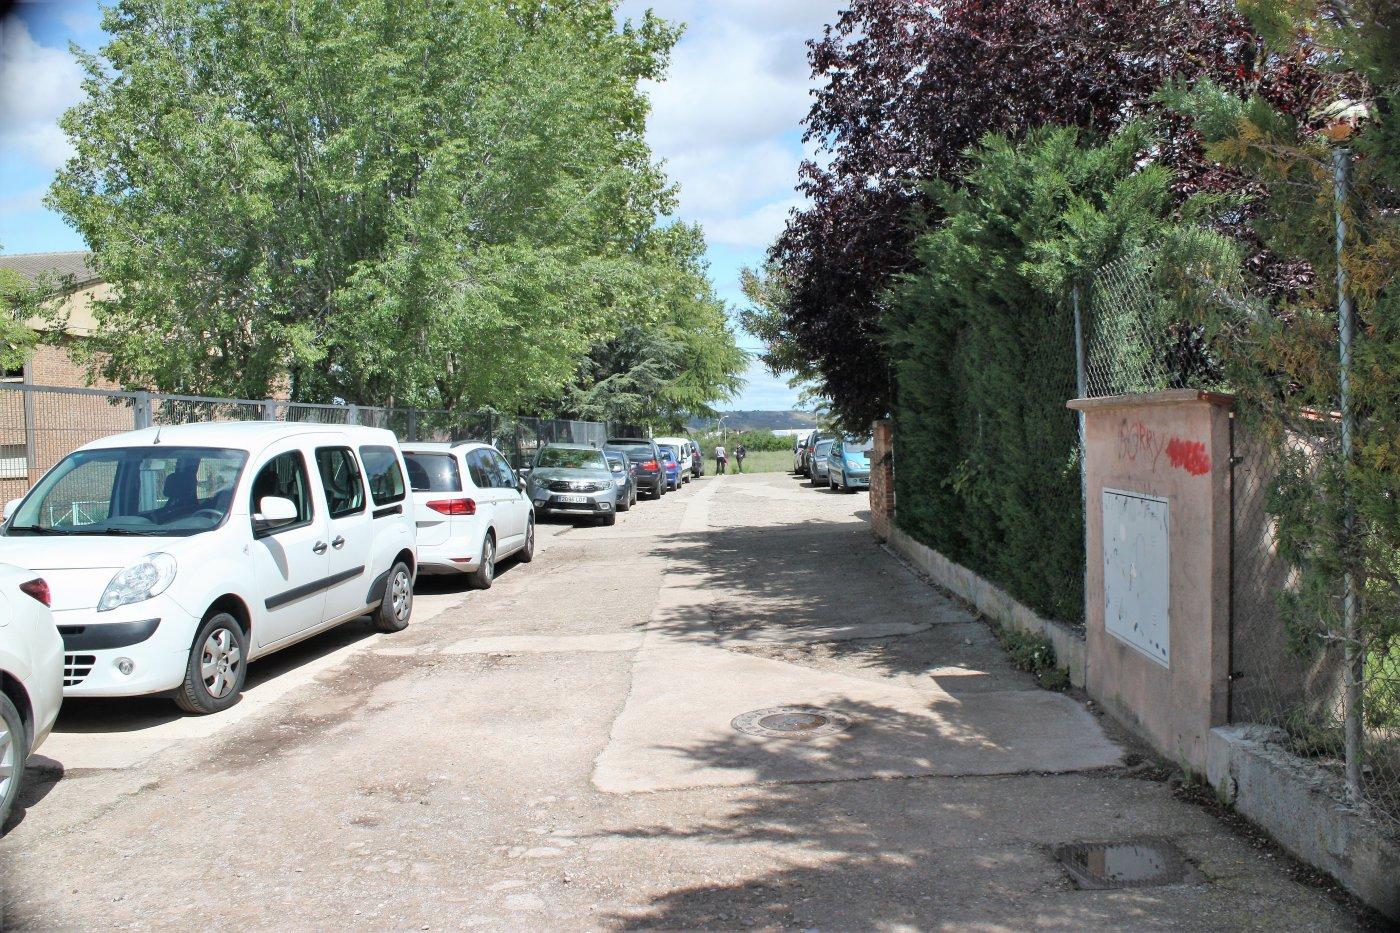 Educación arreglará las aceras exteriores del IES Villegas y el patio deportivo